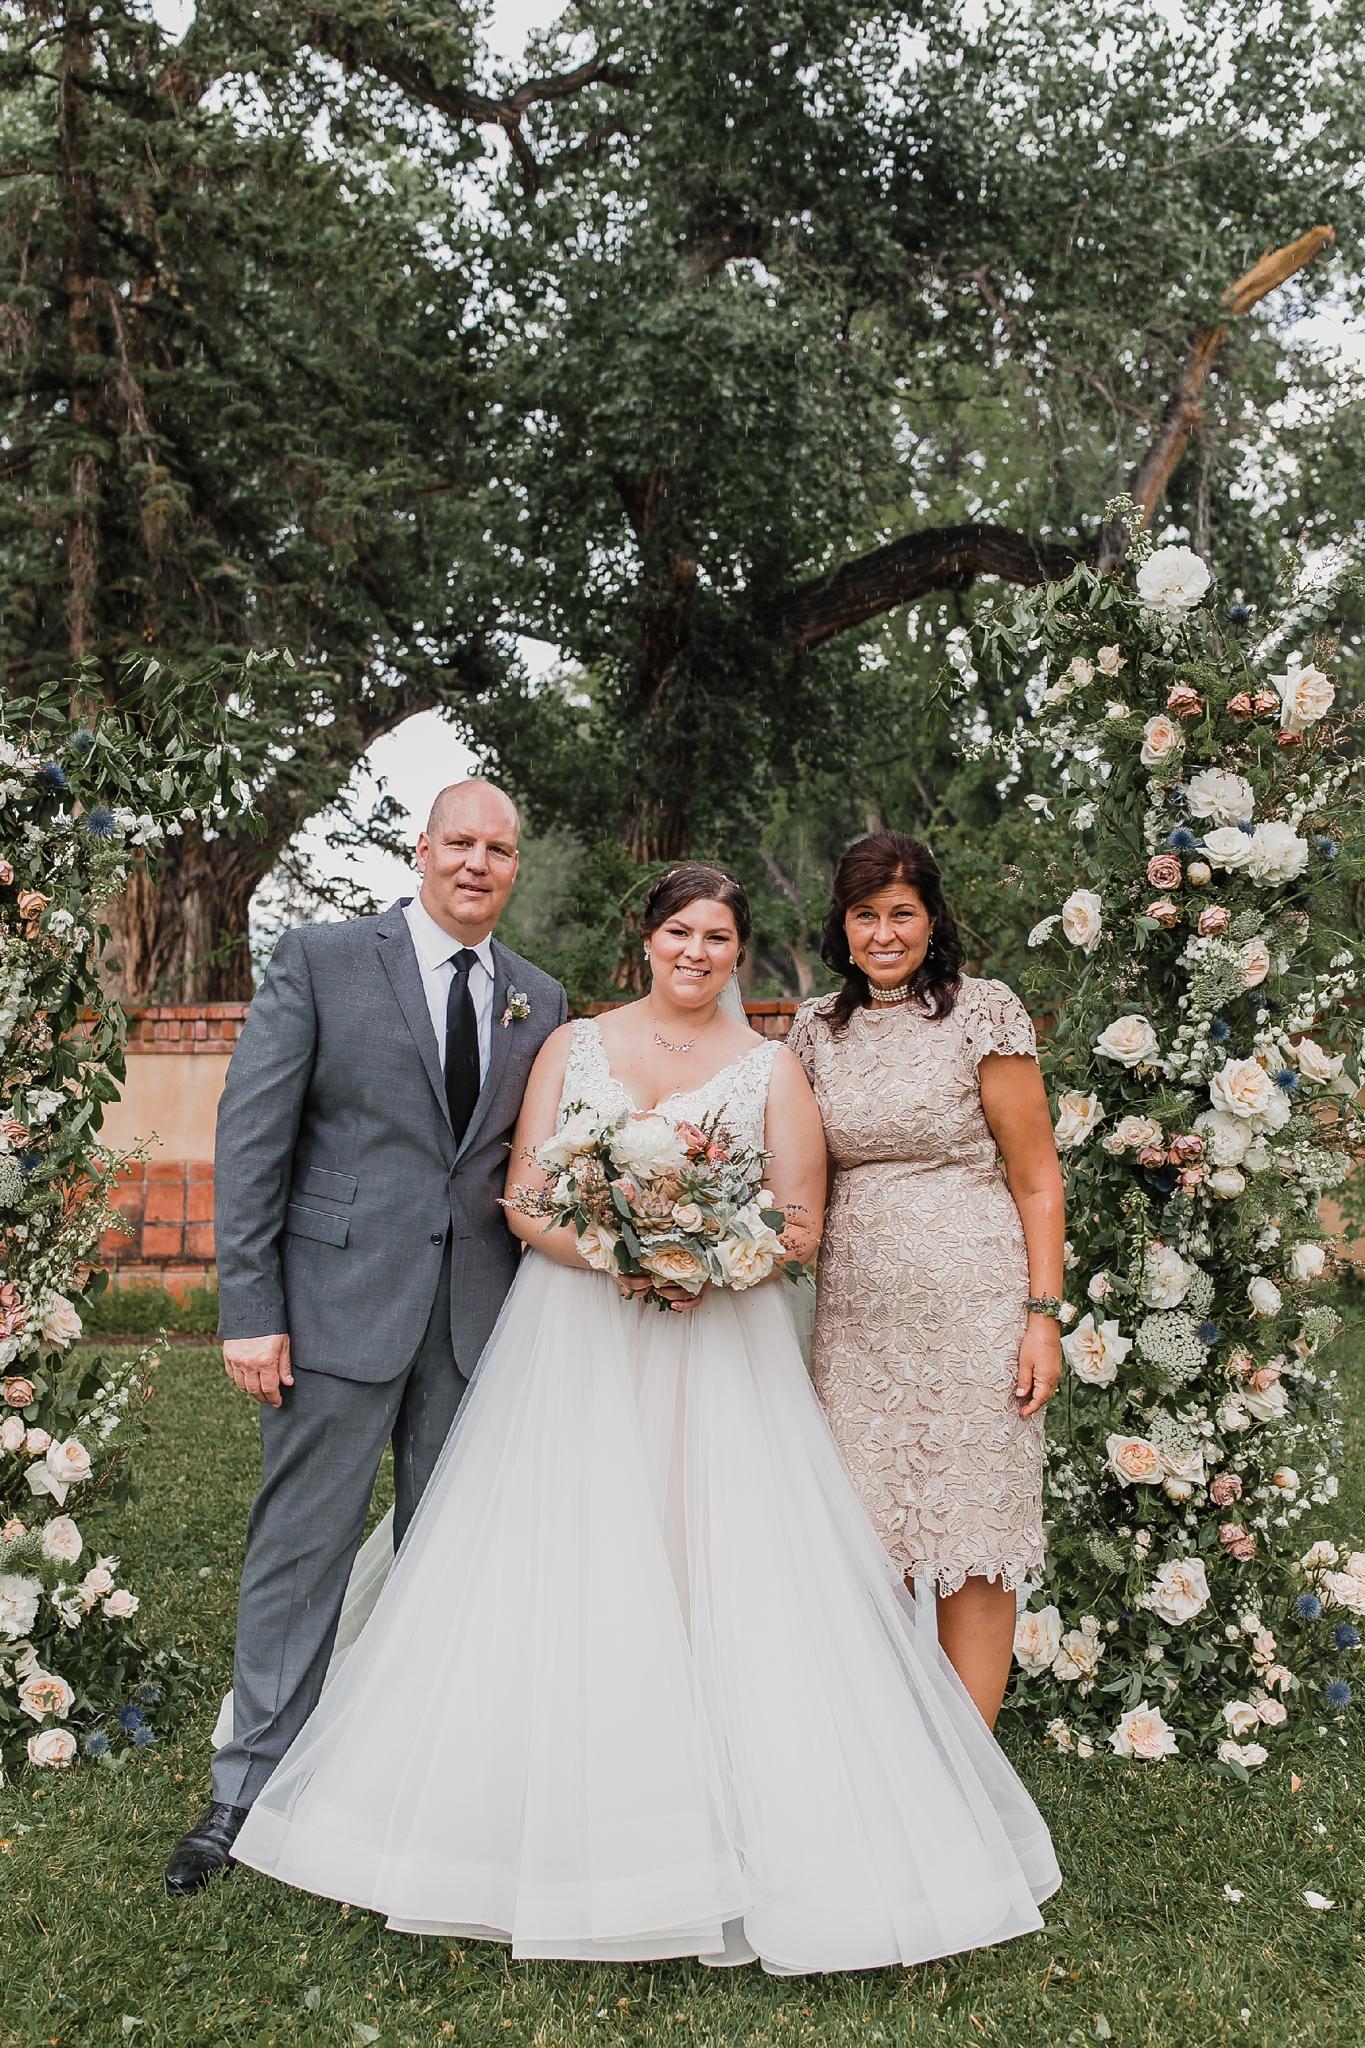 Alicia+lucia+photography+-+albuquerque+wedding+photographer+-+santa+fe+wedding+photography+-+new+mexico+wedding+photographer+-+new+mexico+wedding+-+summer+wedding+-+los+poblanos+wedding+-+albuquerque+wedding_0045.jpg